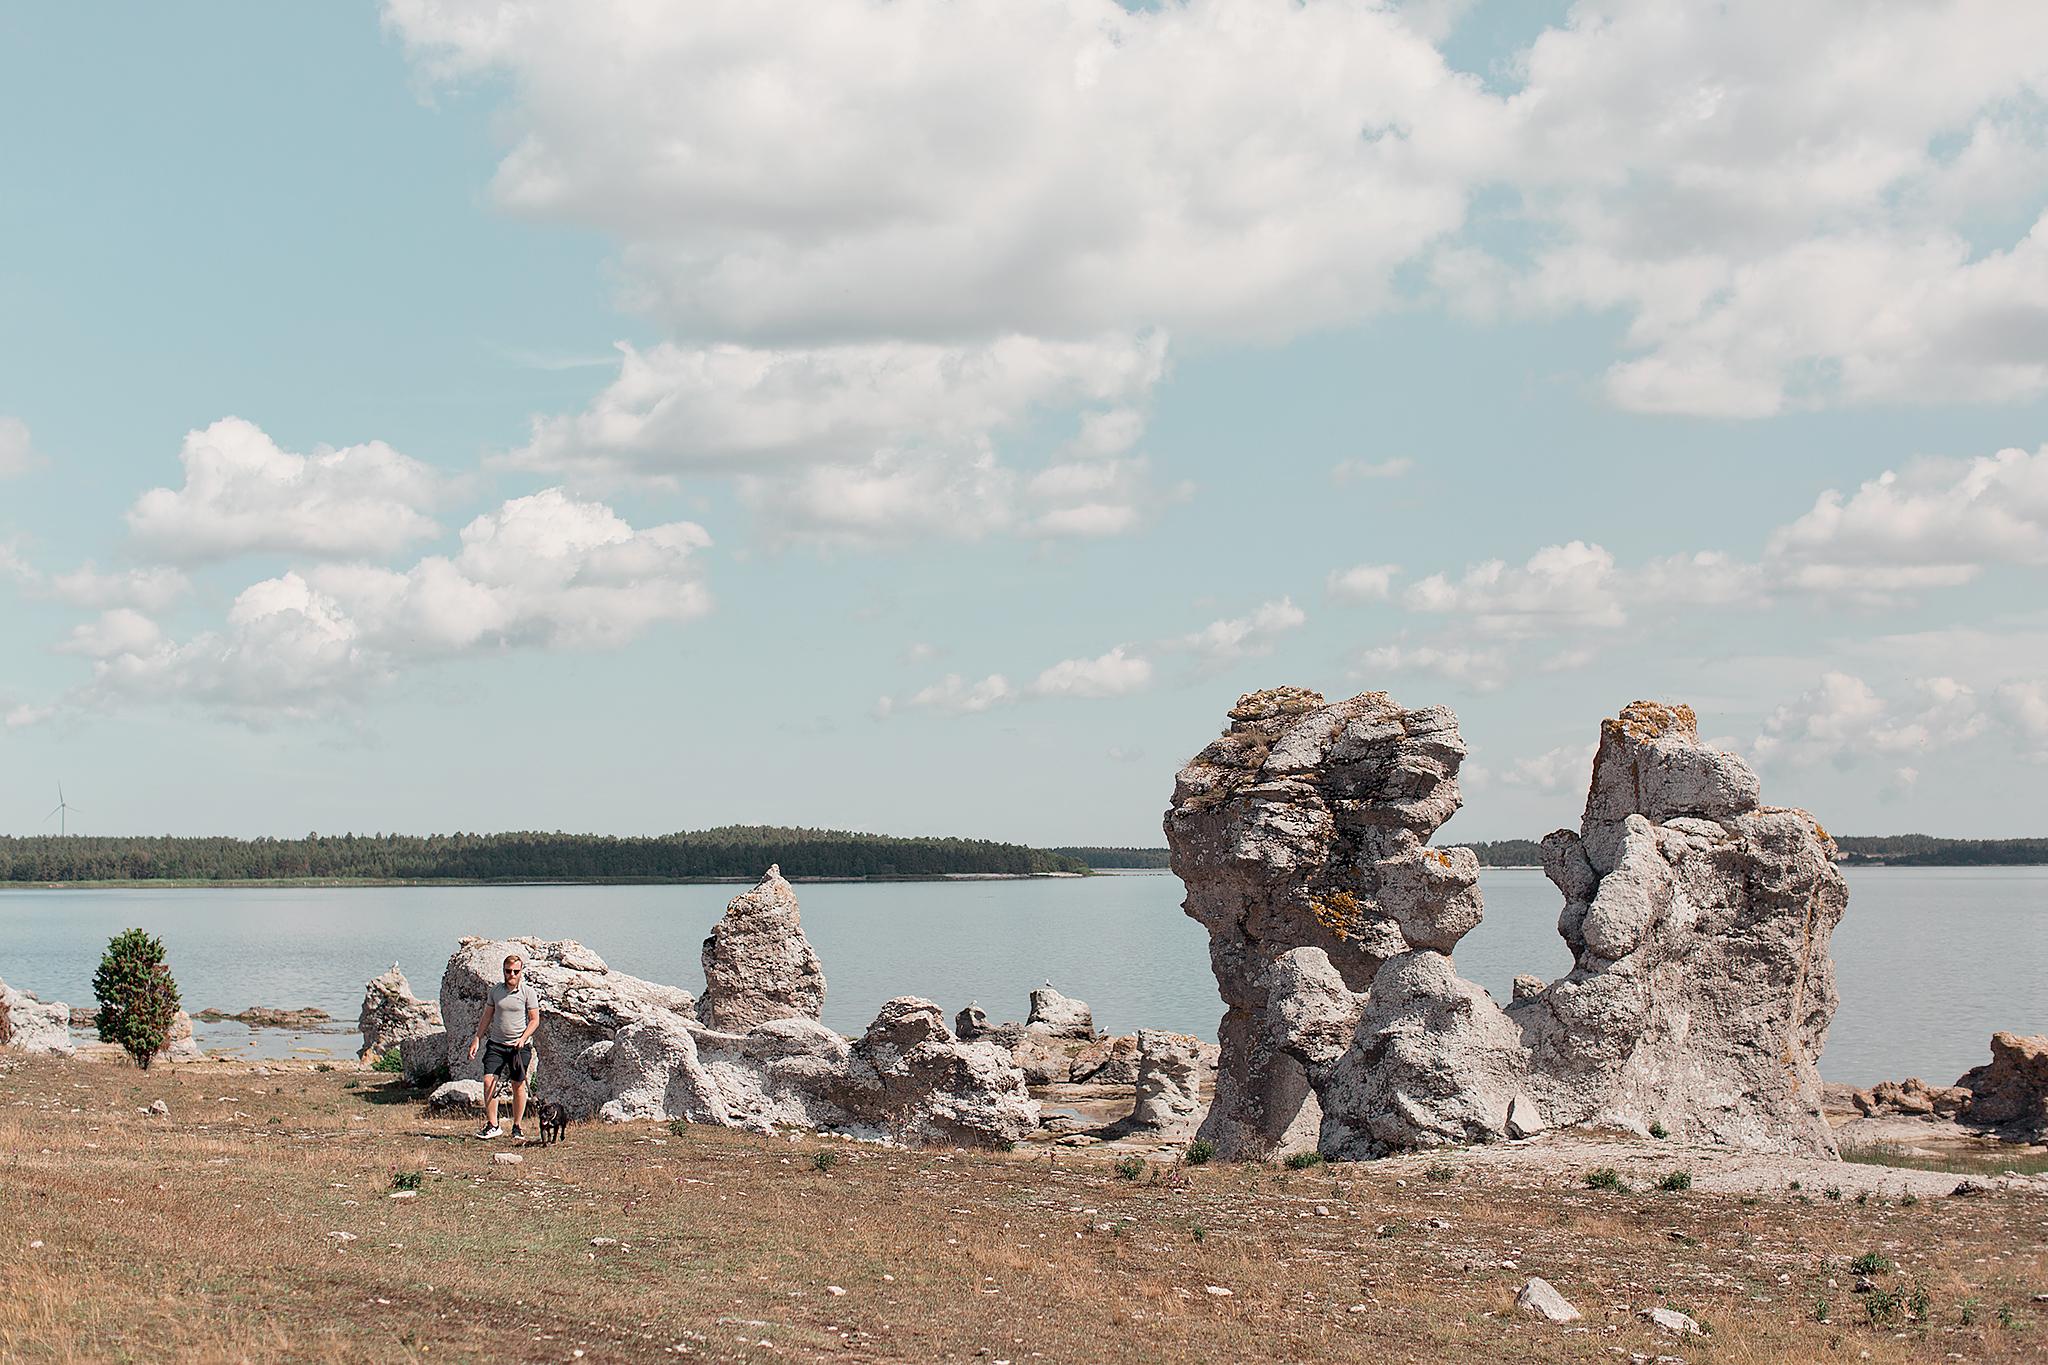 Resedagbok Gotland: Asundens raukfält